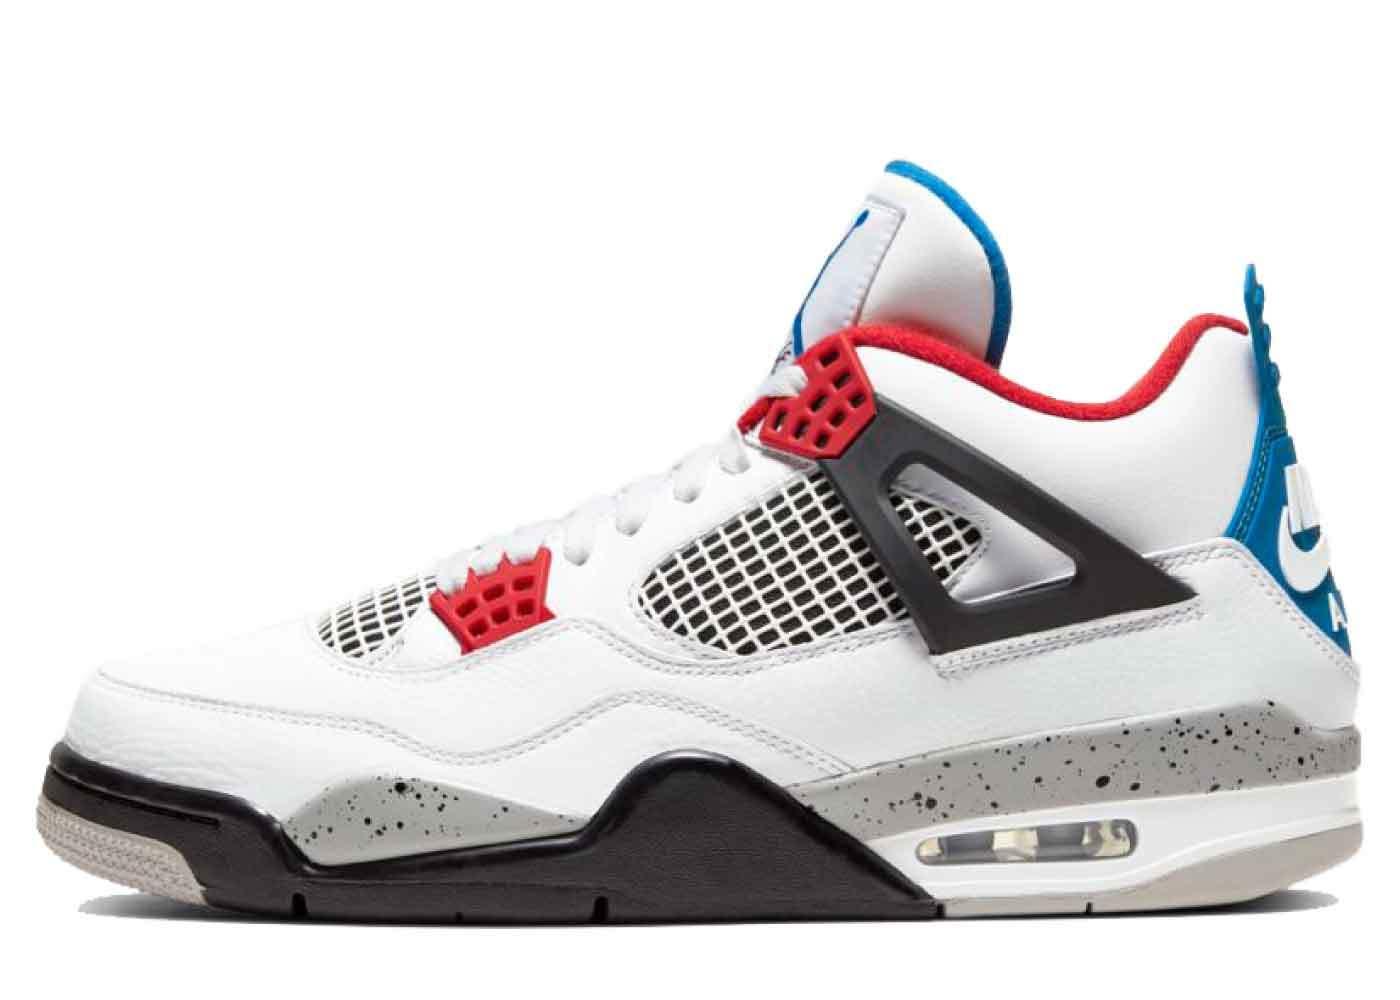 Nike Air Jordan 4 Retro What Theの写真